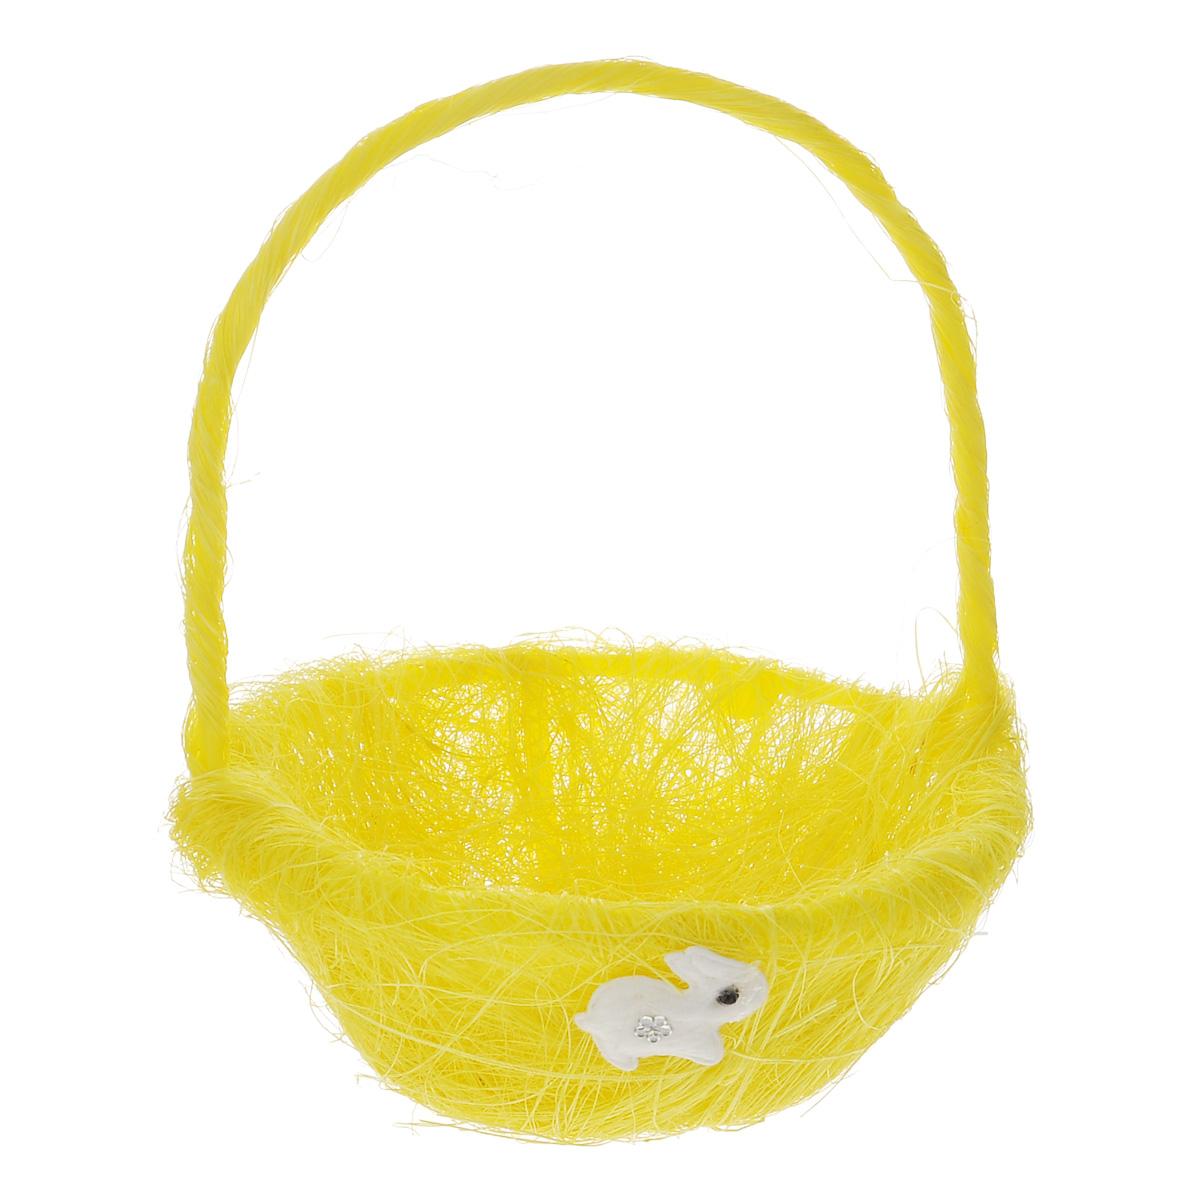 Корзинка декоративная Home Queen Легкость, цвет: желтый, 14,5 см х 19 см66818_1Декоративная корзинка Home Queen Легкость предназначена для украшения интерьера и сервировки стола. Изделие выполнено из сизаля, имеет жесткий пластиковый каркас. Внешние стенки украшены аппликацией в виде белого зайчонка. Корзинка оснащена ручкой.Такая оригинальная корзинка станет ярким украшением стола. Идеальный вариант для хранения пасхальных яиц. Диаметр корзинки: 14,5 см. Высота корзинки: 6 см. Высота корзинки (с ручкой): 19 см.